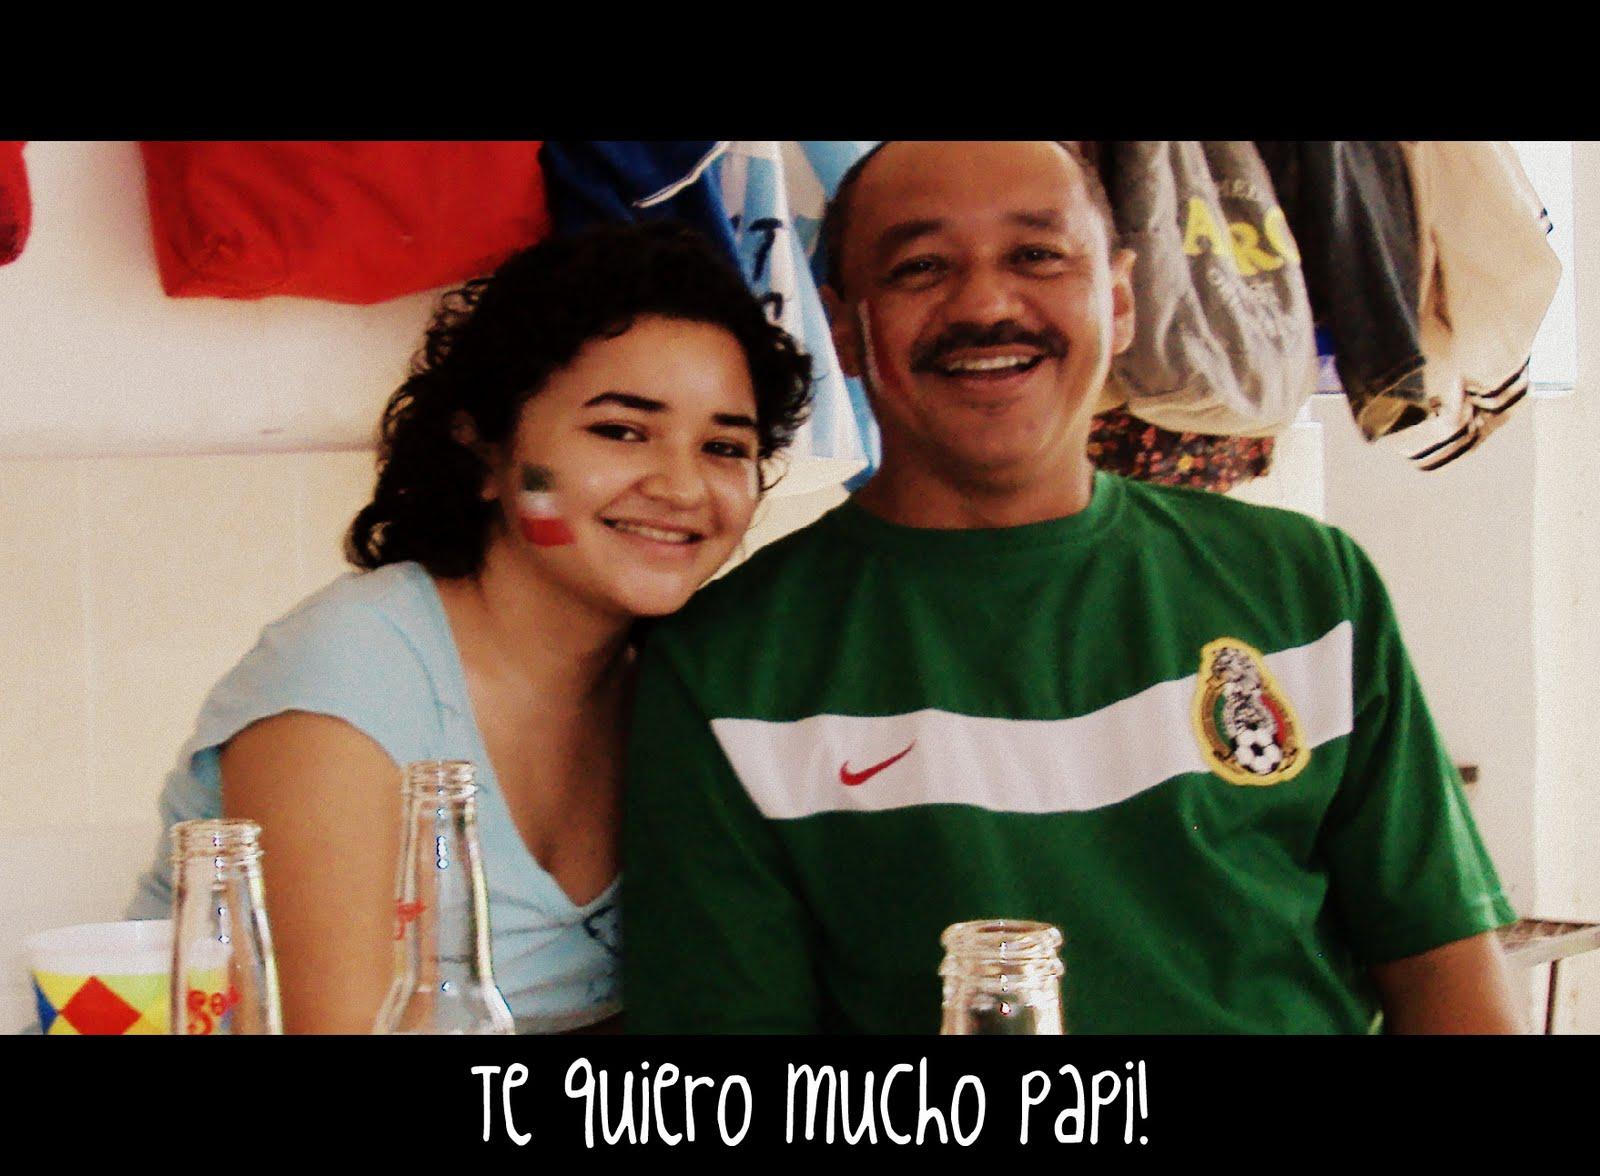 [Imagen: te+quiero+mucho+papi.jpg]